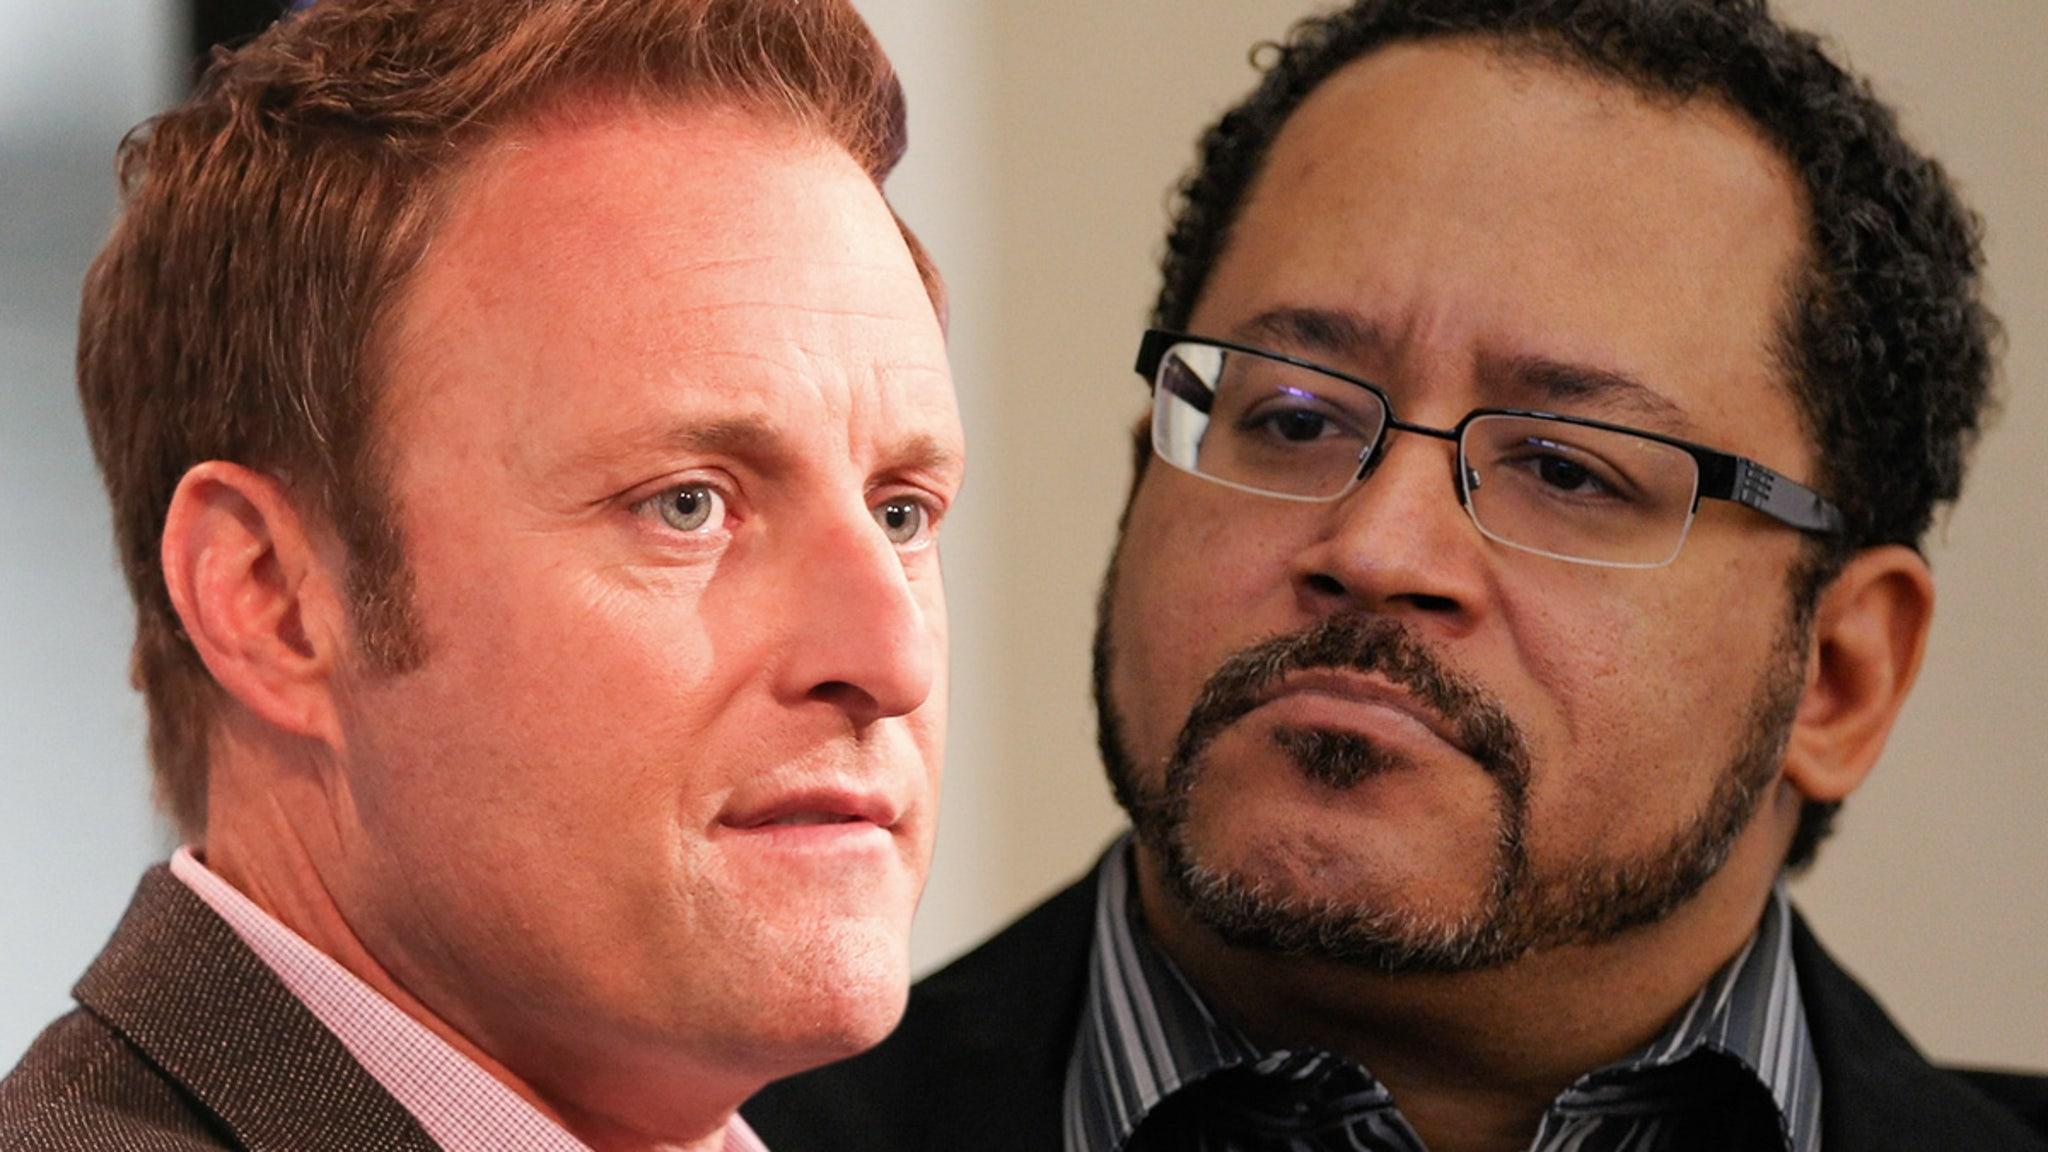 Крис Харрисон: «Извинения за расизм искренни», — сказал Майкл Эрик Дайсон